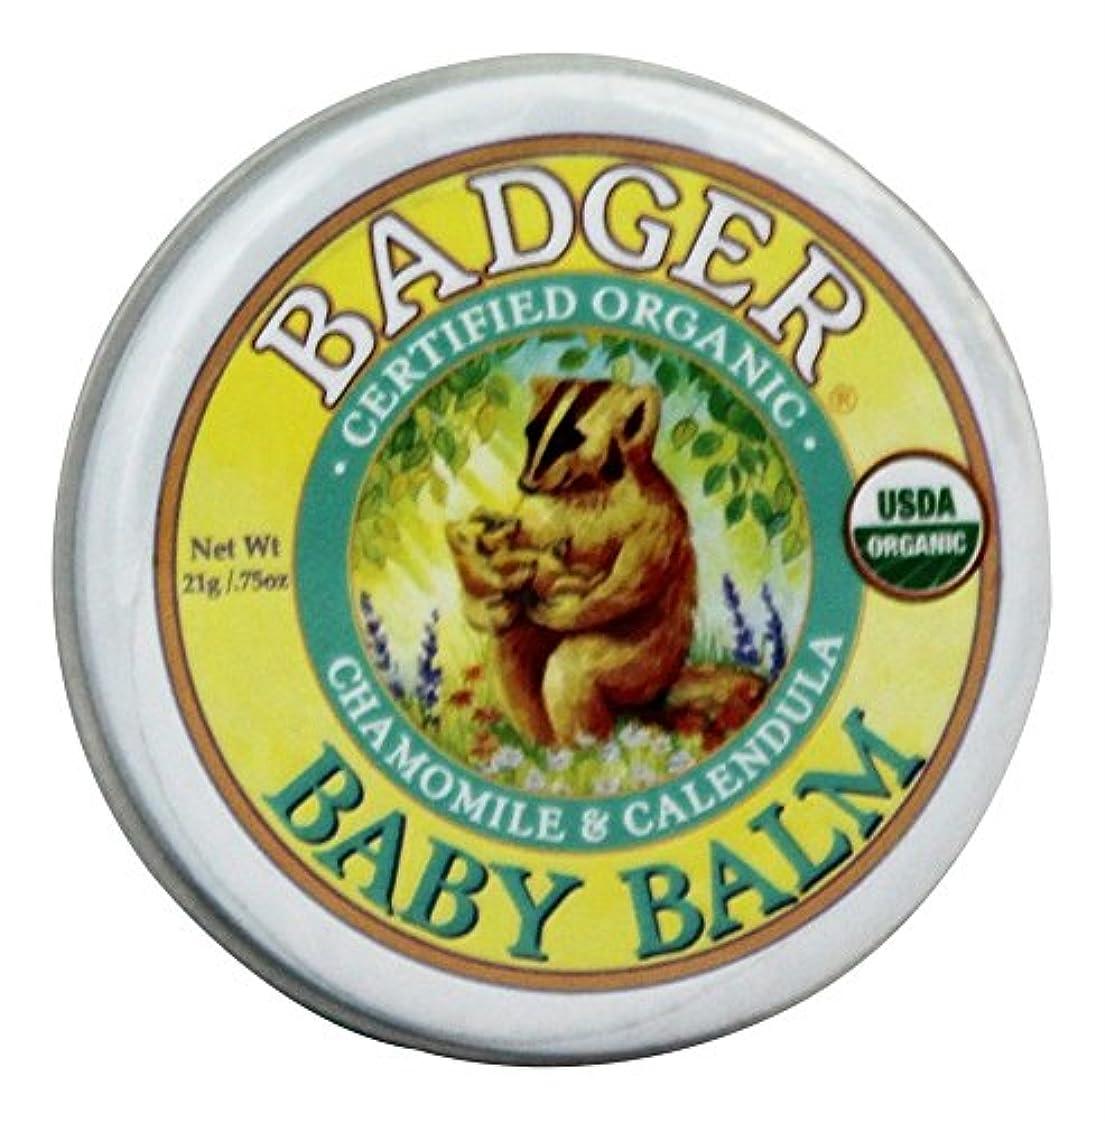 薬移行するコンテンポラリーBadger - 赤ん坊の香油のChamomile及びCalendula - 0.75ポンド [並行輸入品]